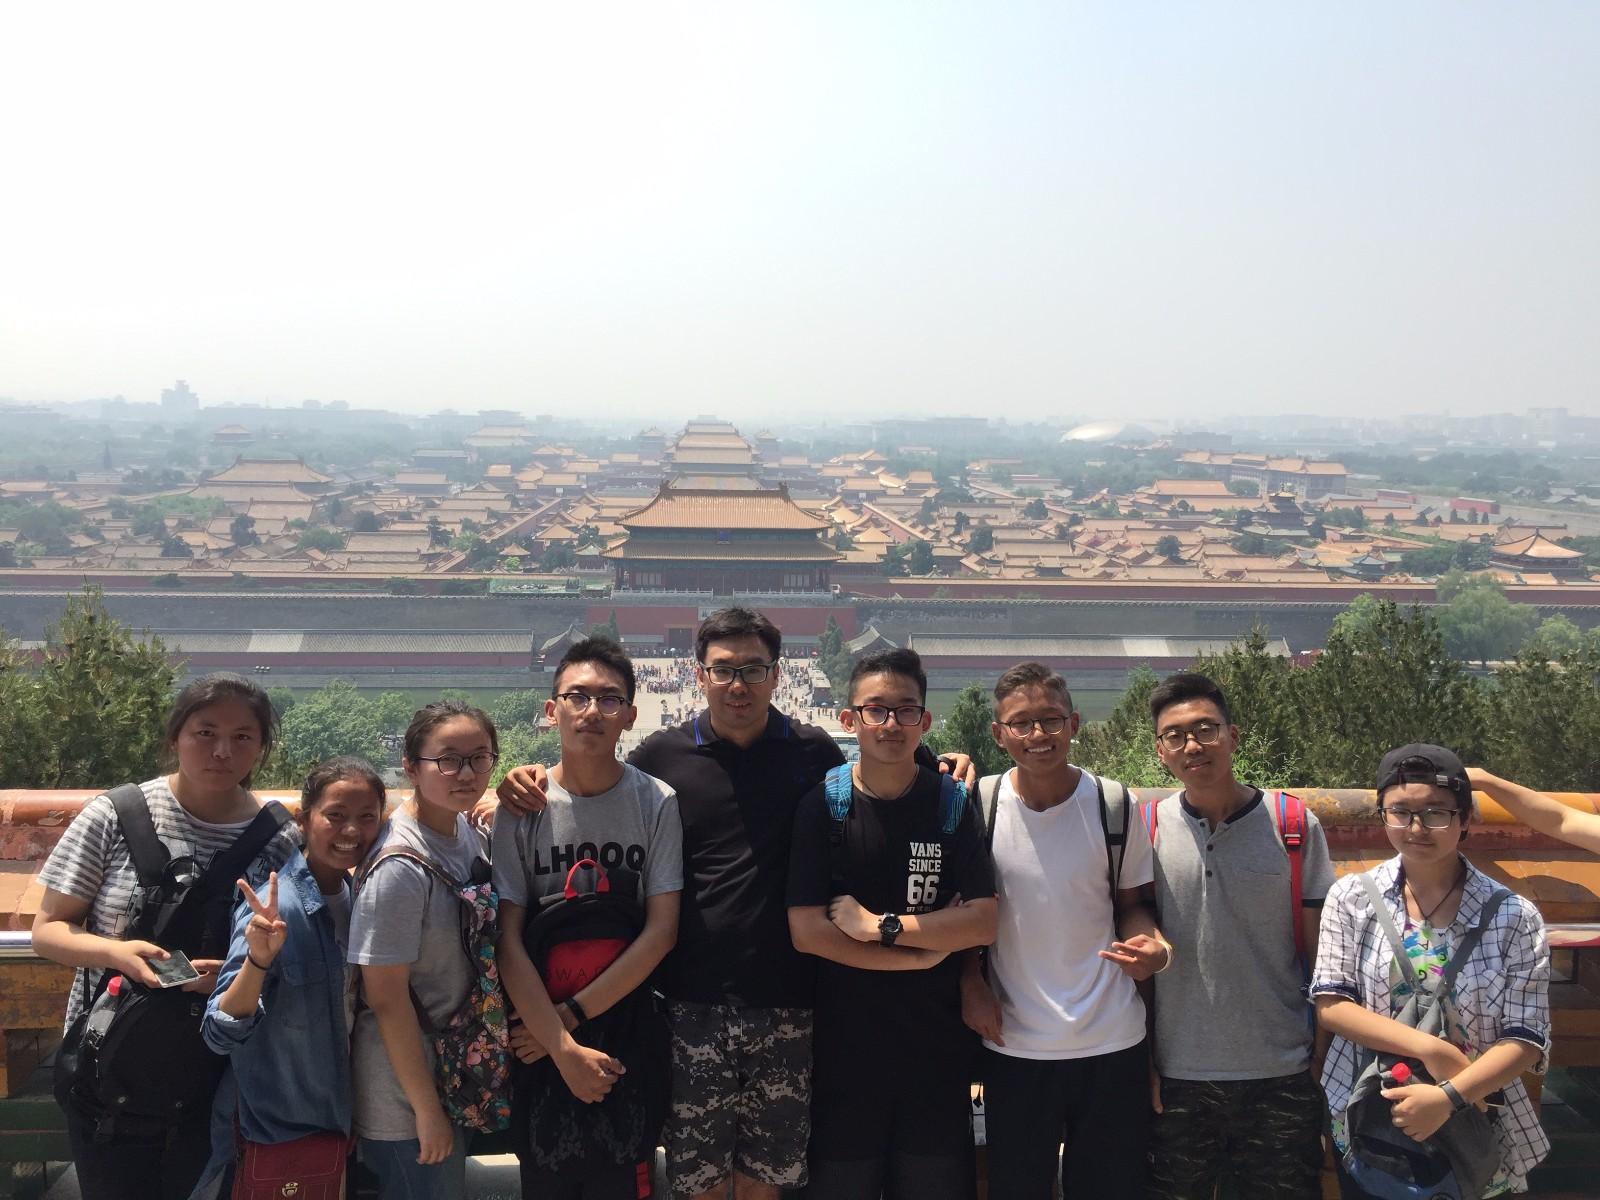 图5:带领西藏学生走进故宫、景山,了解澳门历史文化.jpg